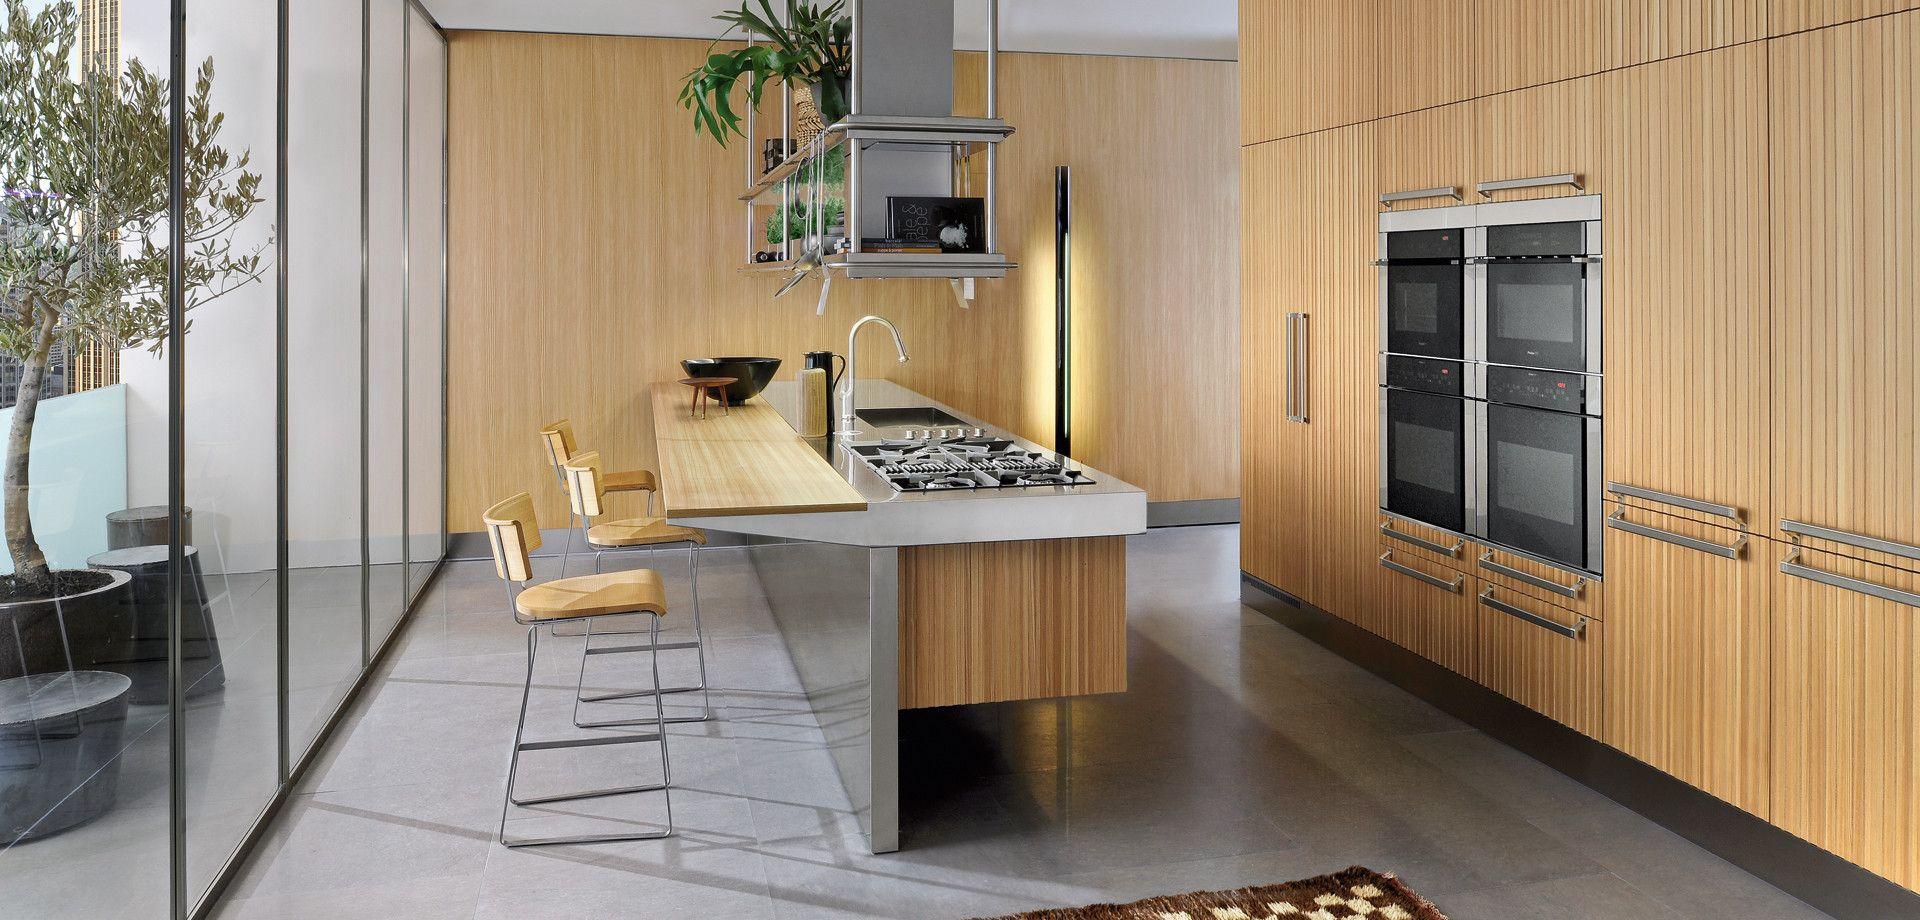 Kitchens LIGNUM ET LAPIS Produits Arclinea